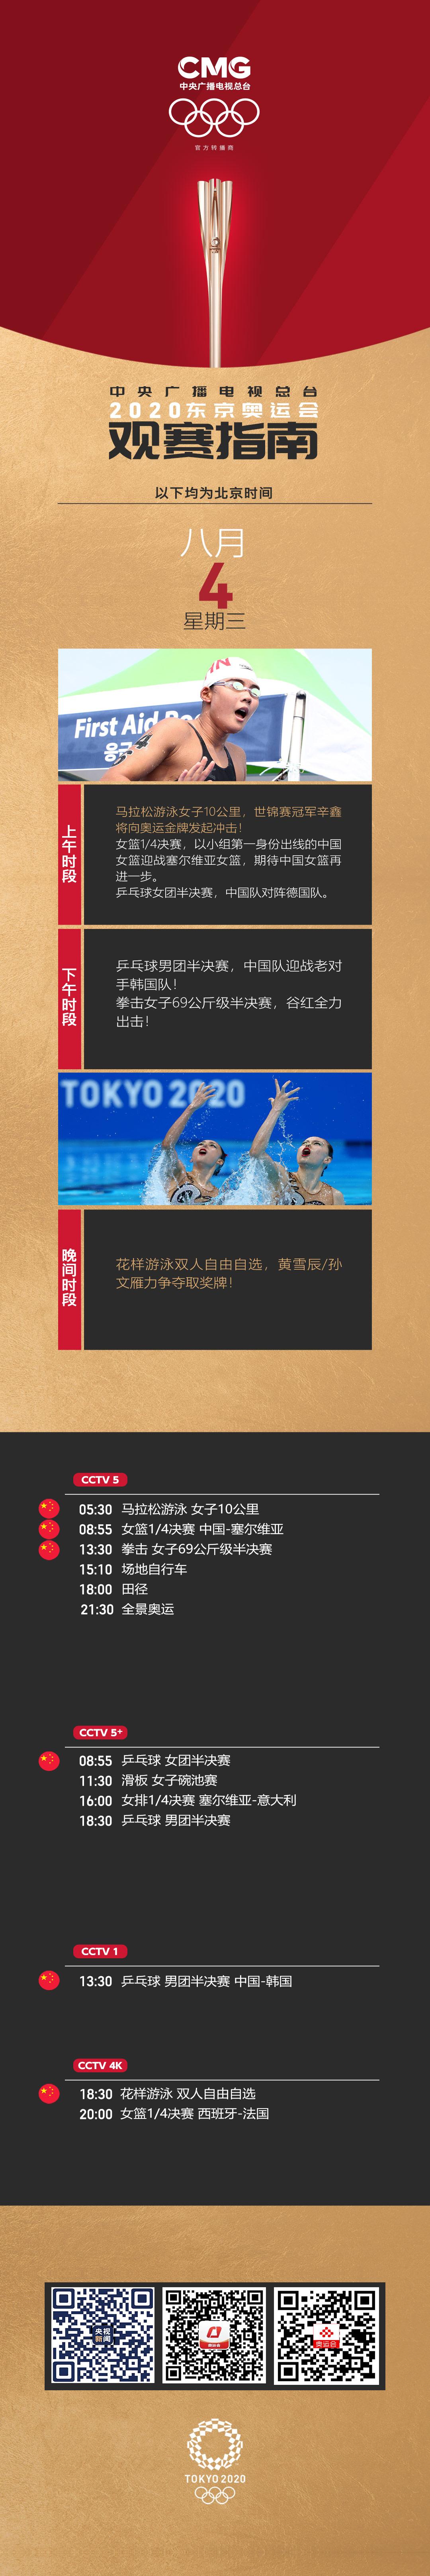 8月4日观赛指南:马拉松游泳辛鑫冲金 中国女篮期待再进一步